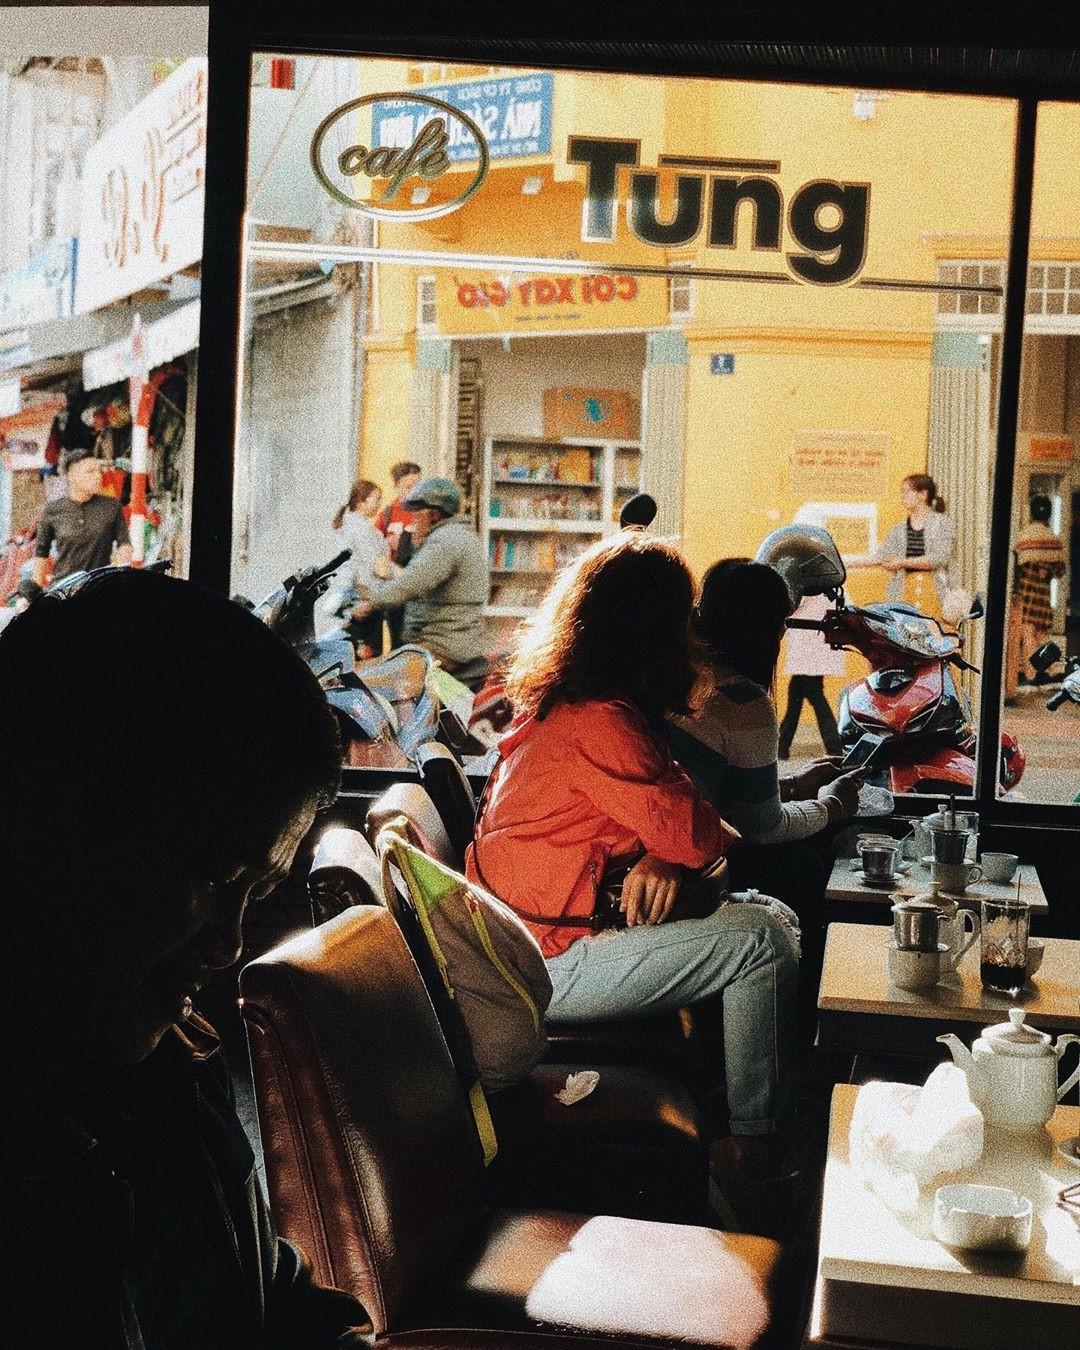 Cafe Tùng và những miền ký ức chưa kể về một hồn thơ Đà Lạt rất riêng, rất cũ giữa thời hiện đại! - Ảnh 20.